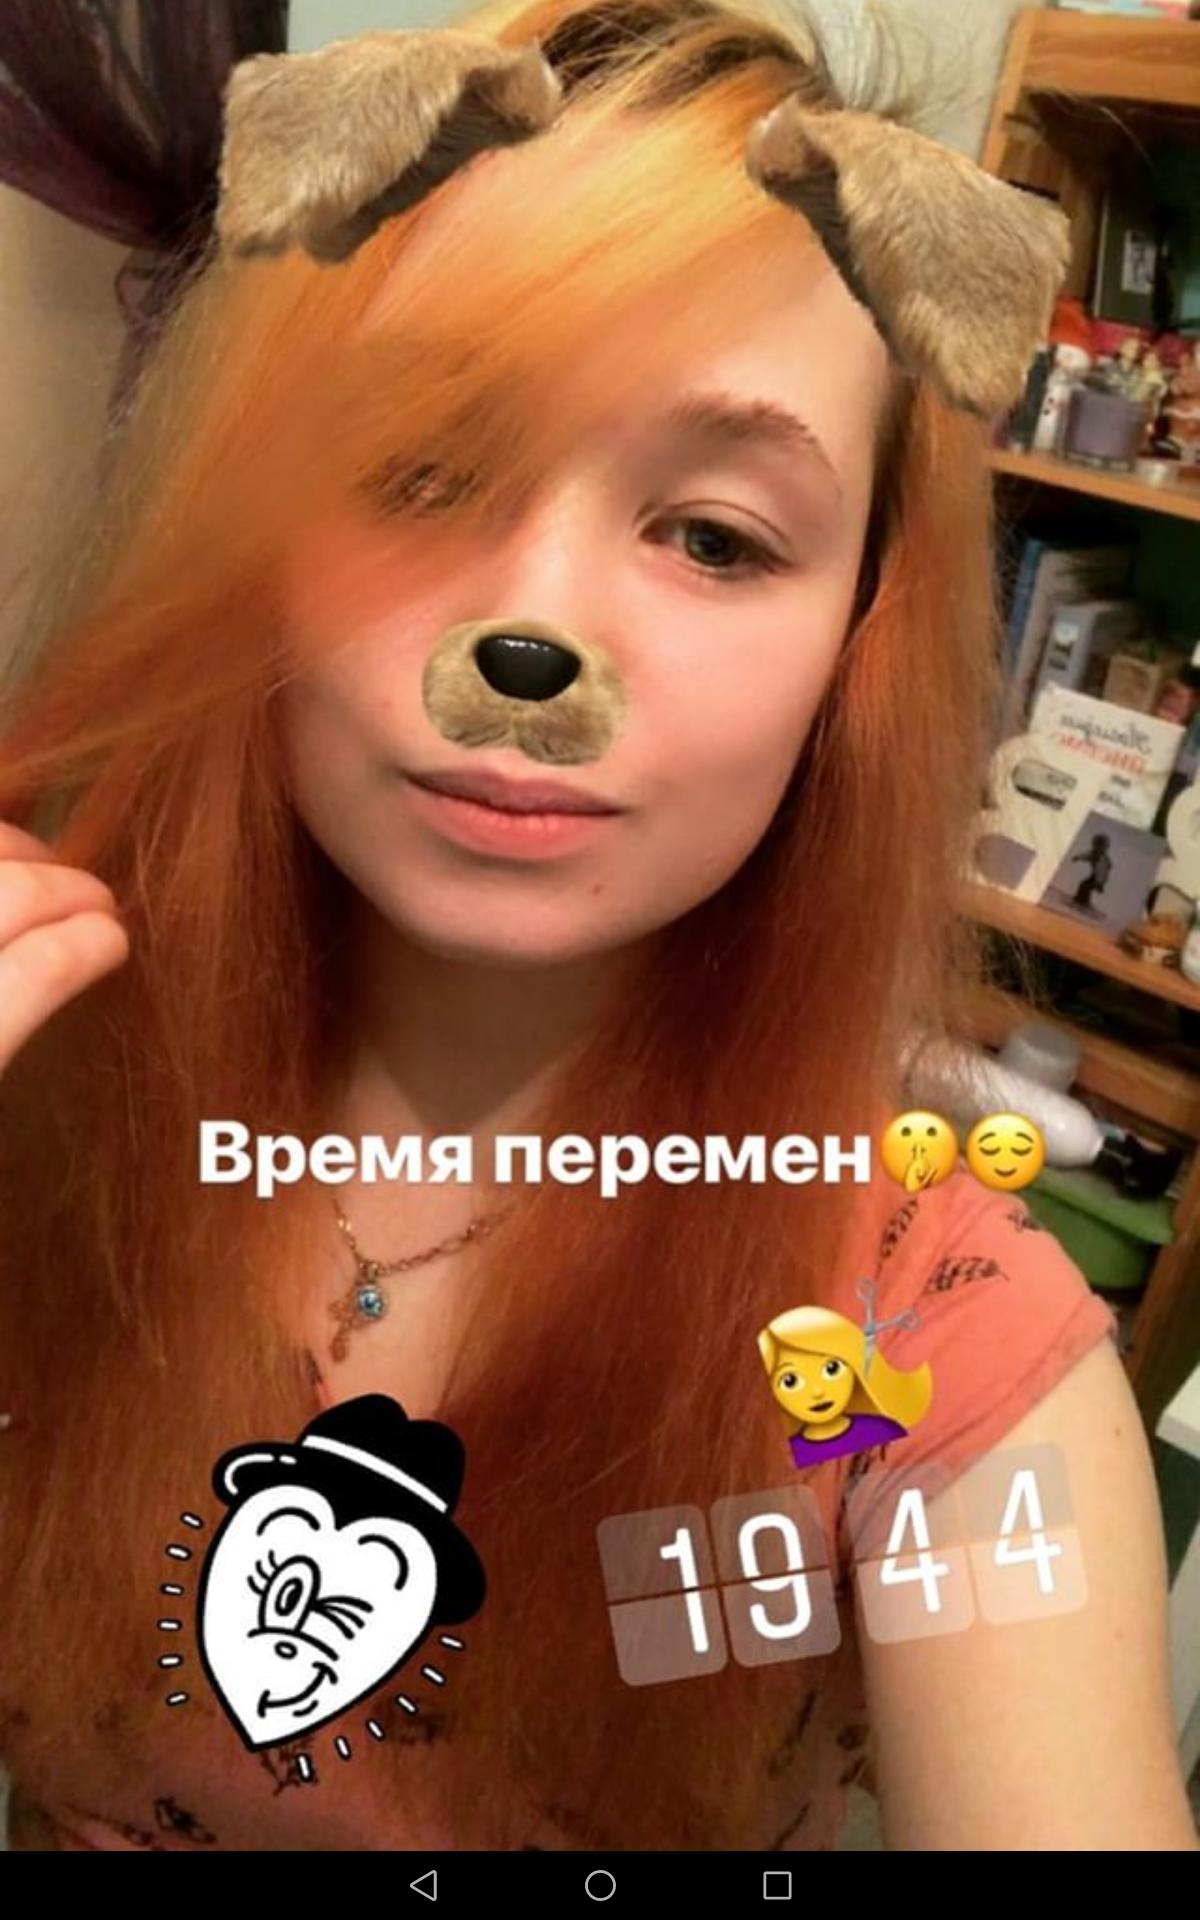 Софья Полищук-Александр Вахнов - Страница 5 TopQO